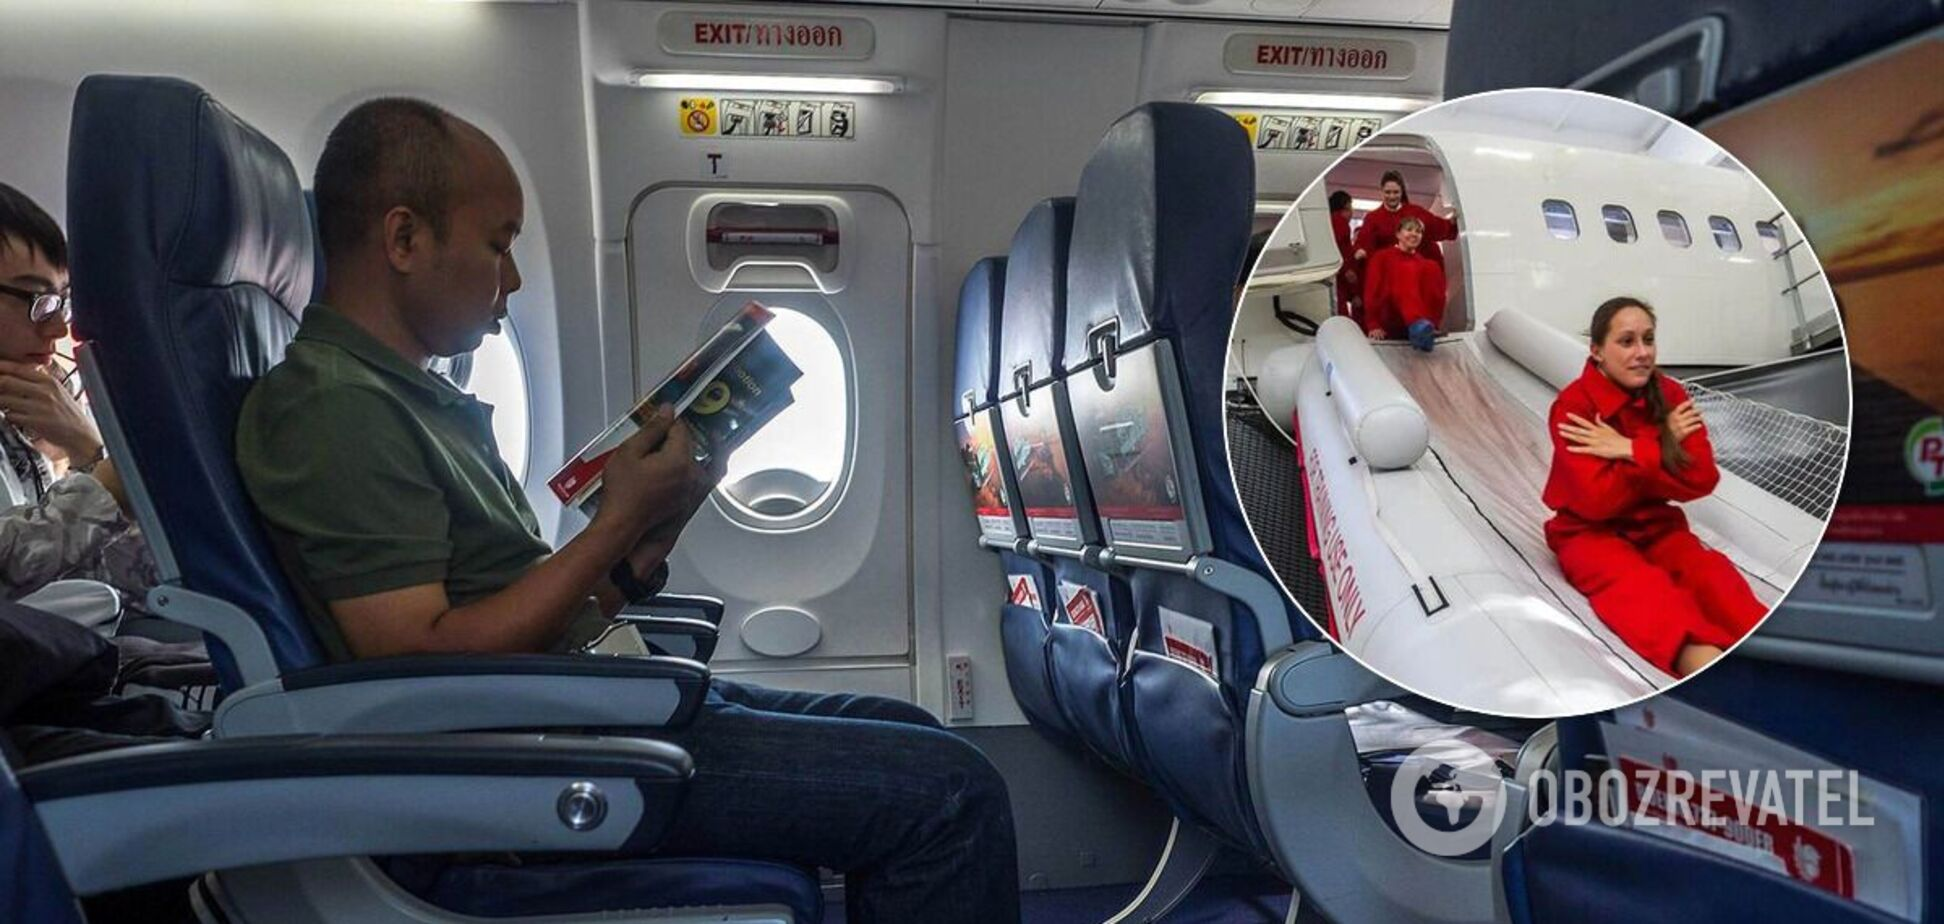 Как происходит экстренная эвакуация из самолета